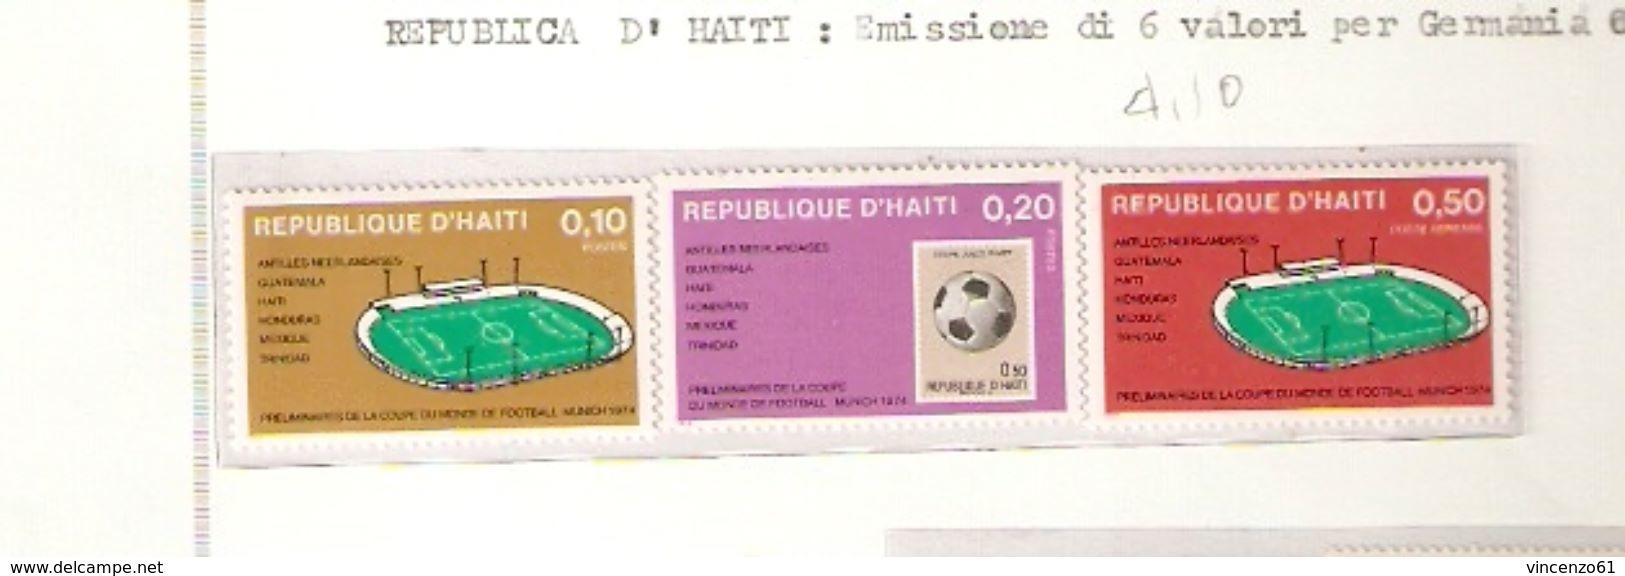 REPUBLIQUE D´HAITI  FIFA WORLD CUP 1974 GERMANY 1974 - Coppa Del Mondo